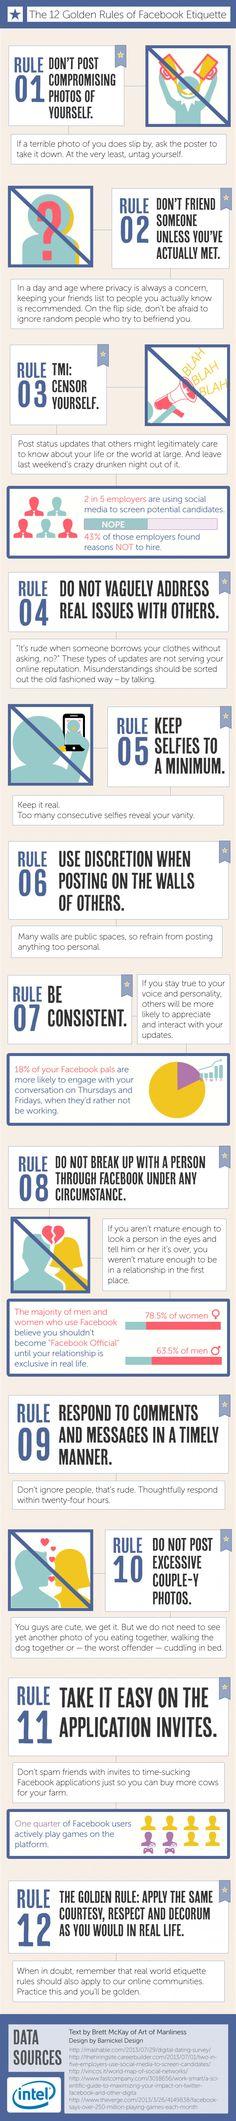 Infografía | 12 Reglas doradas de etiqueta en #Facebook.